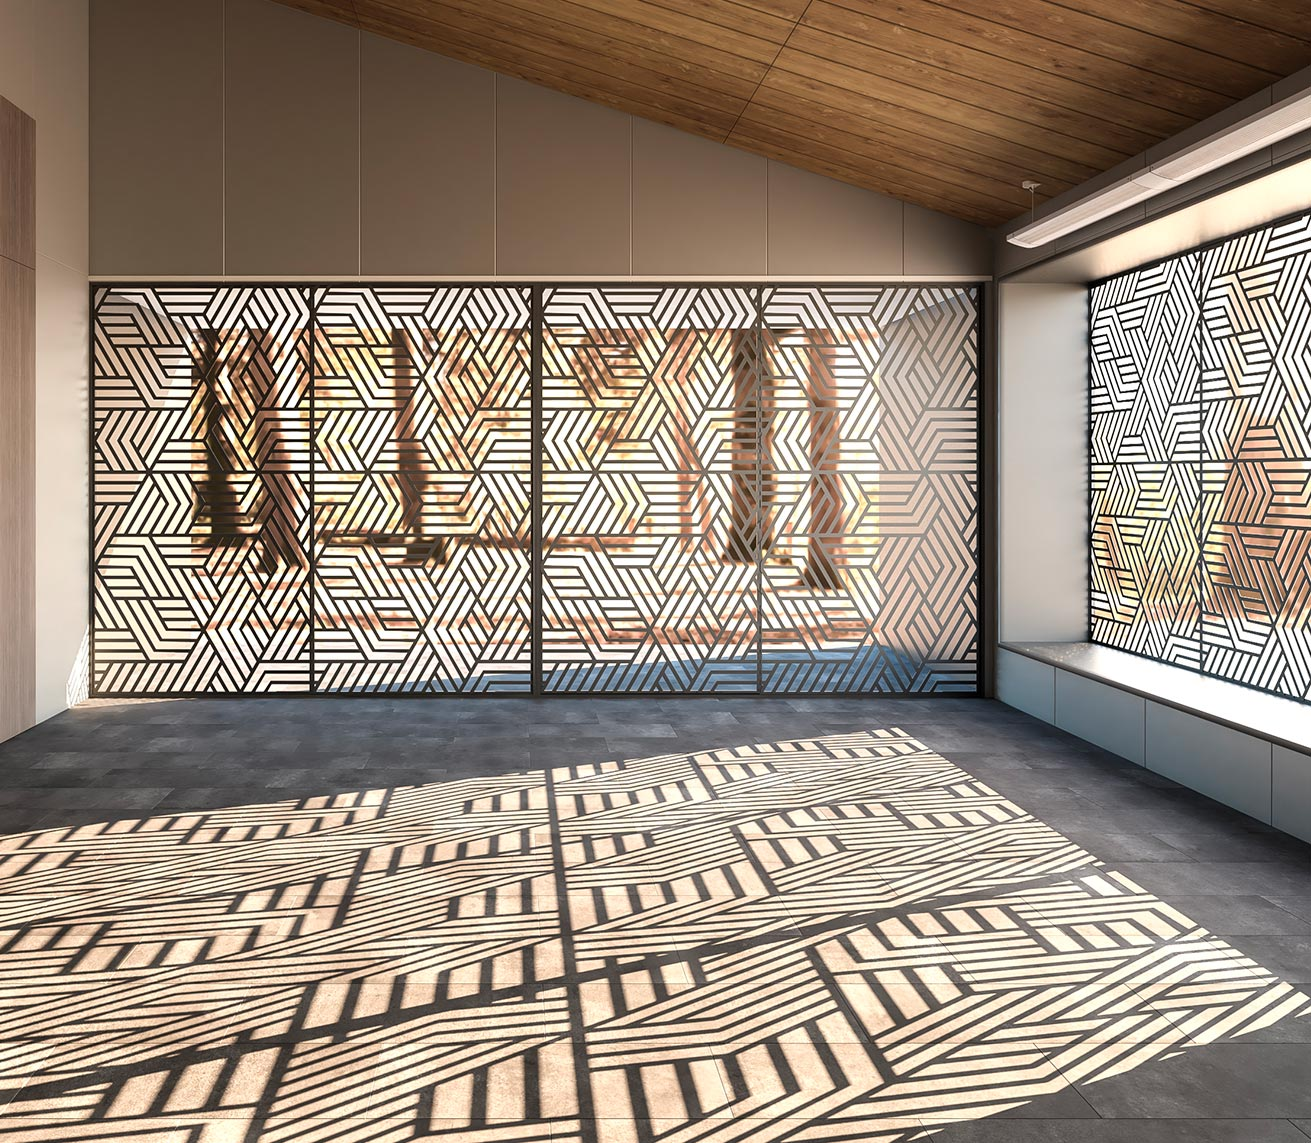 thermia decor elemento arquitectura solar pasiva